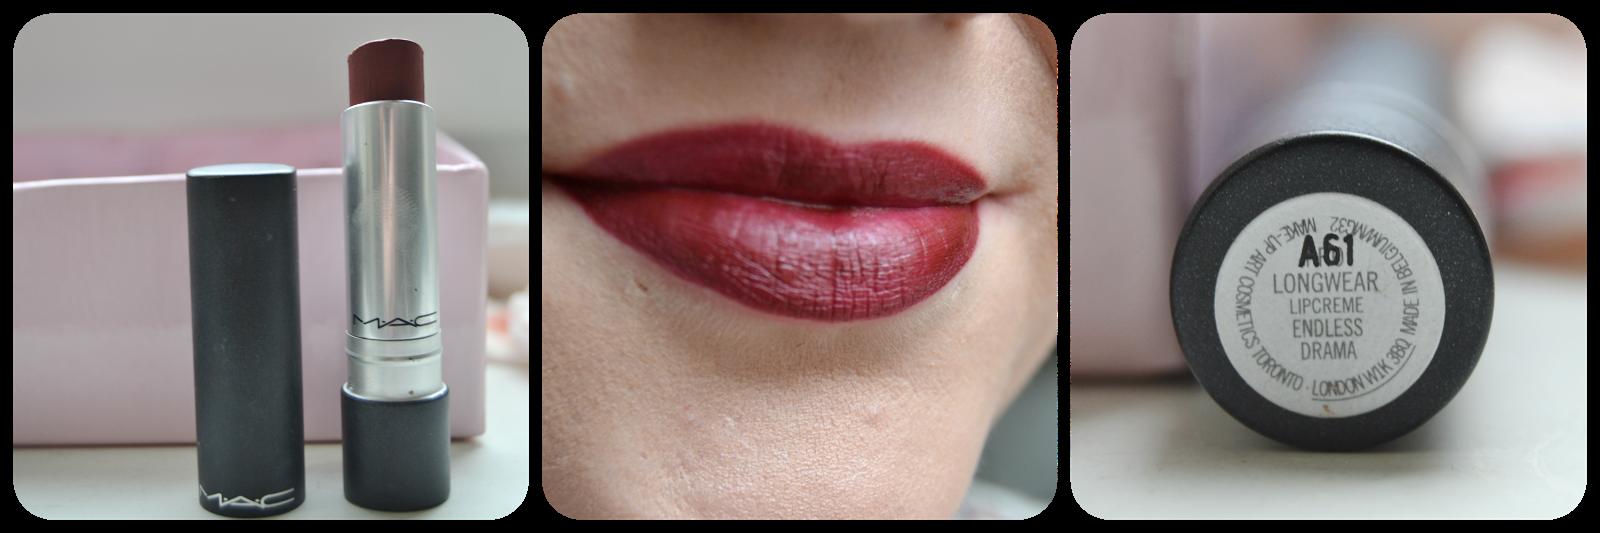 Mac Cosmetics Lipstick, Lippenstift, Swatch, Pro Longwear, Lipcreme, Endless Drama, Lipswatch, Swatches